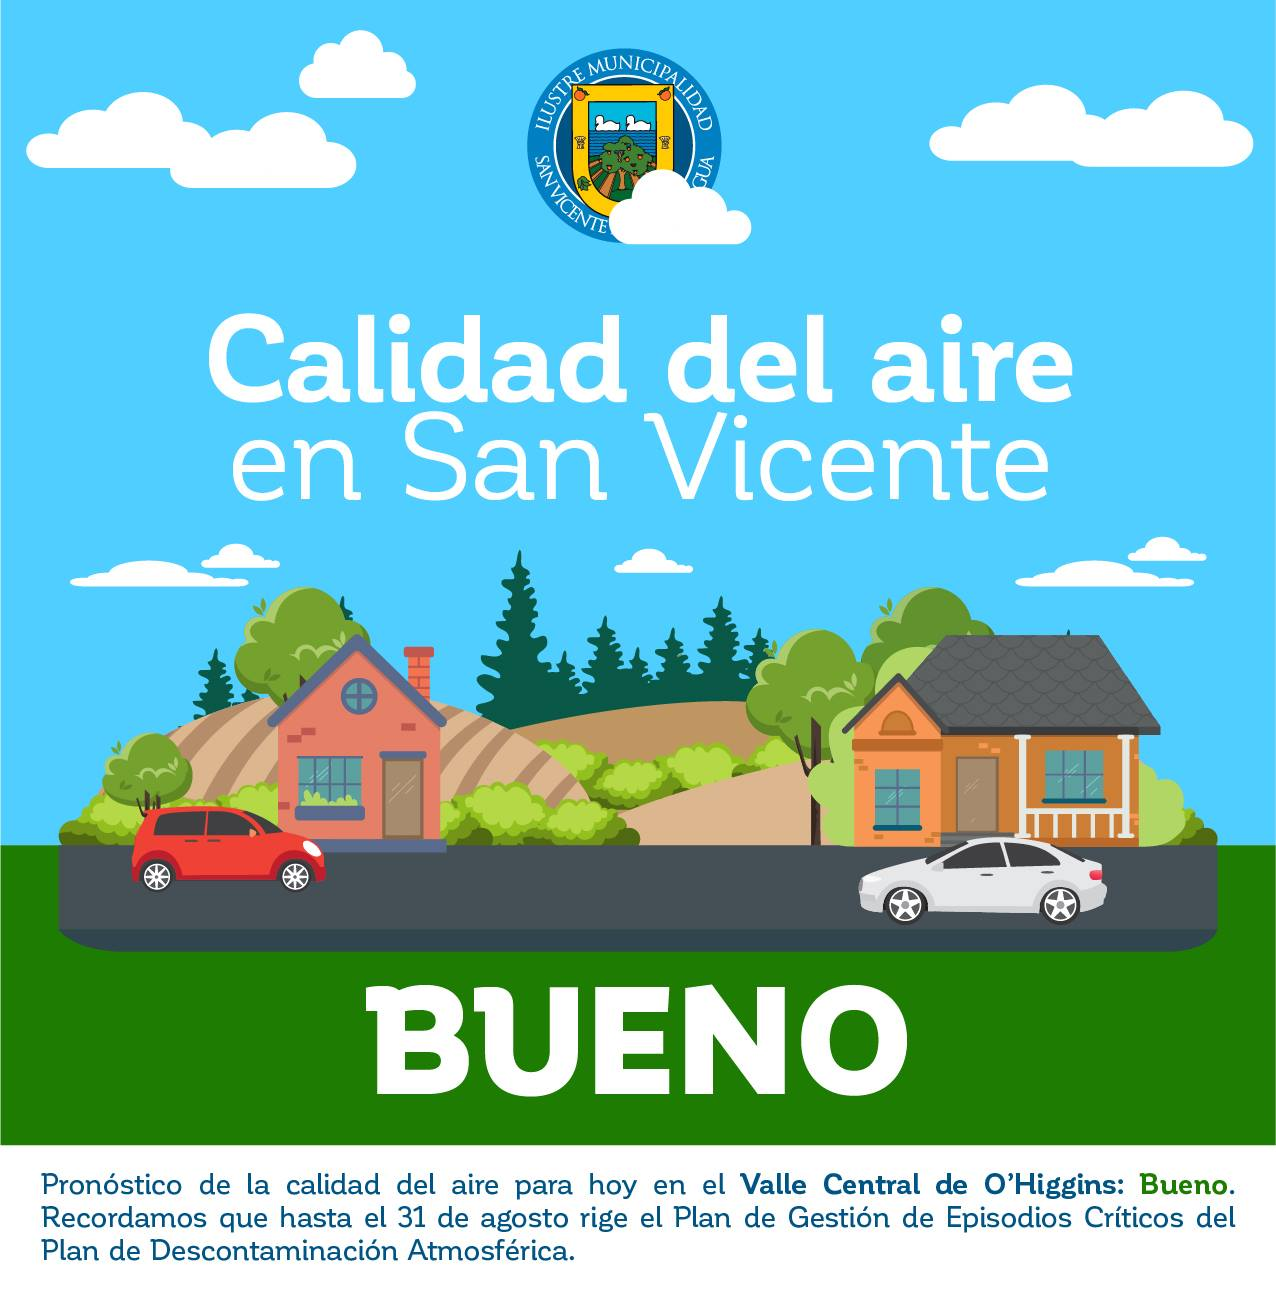 CALIDAD DEL AIRE EN SAN VICENTE DE TAGUA TAGUA MIÉRCOLES 8 DE ABRIL: BUENO